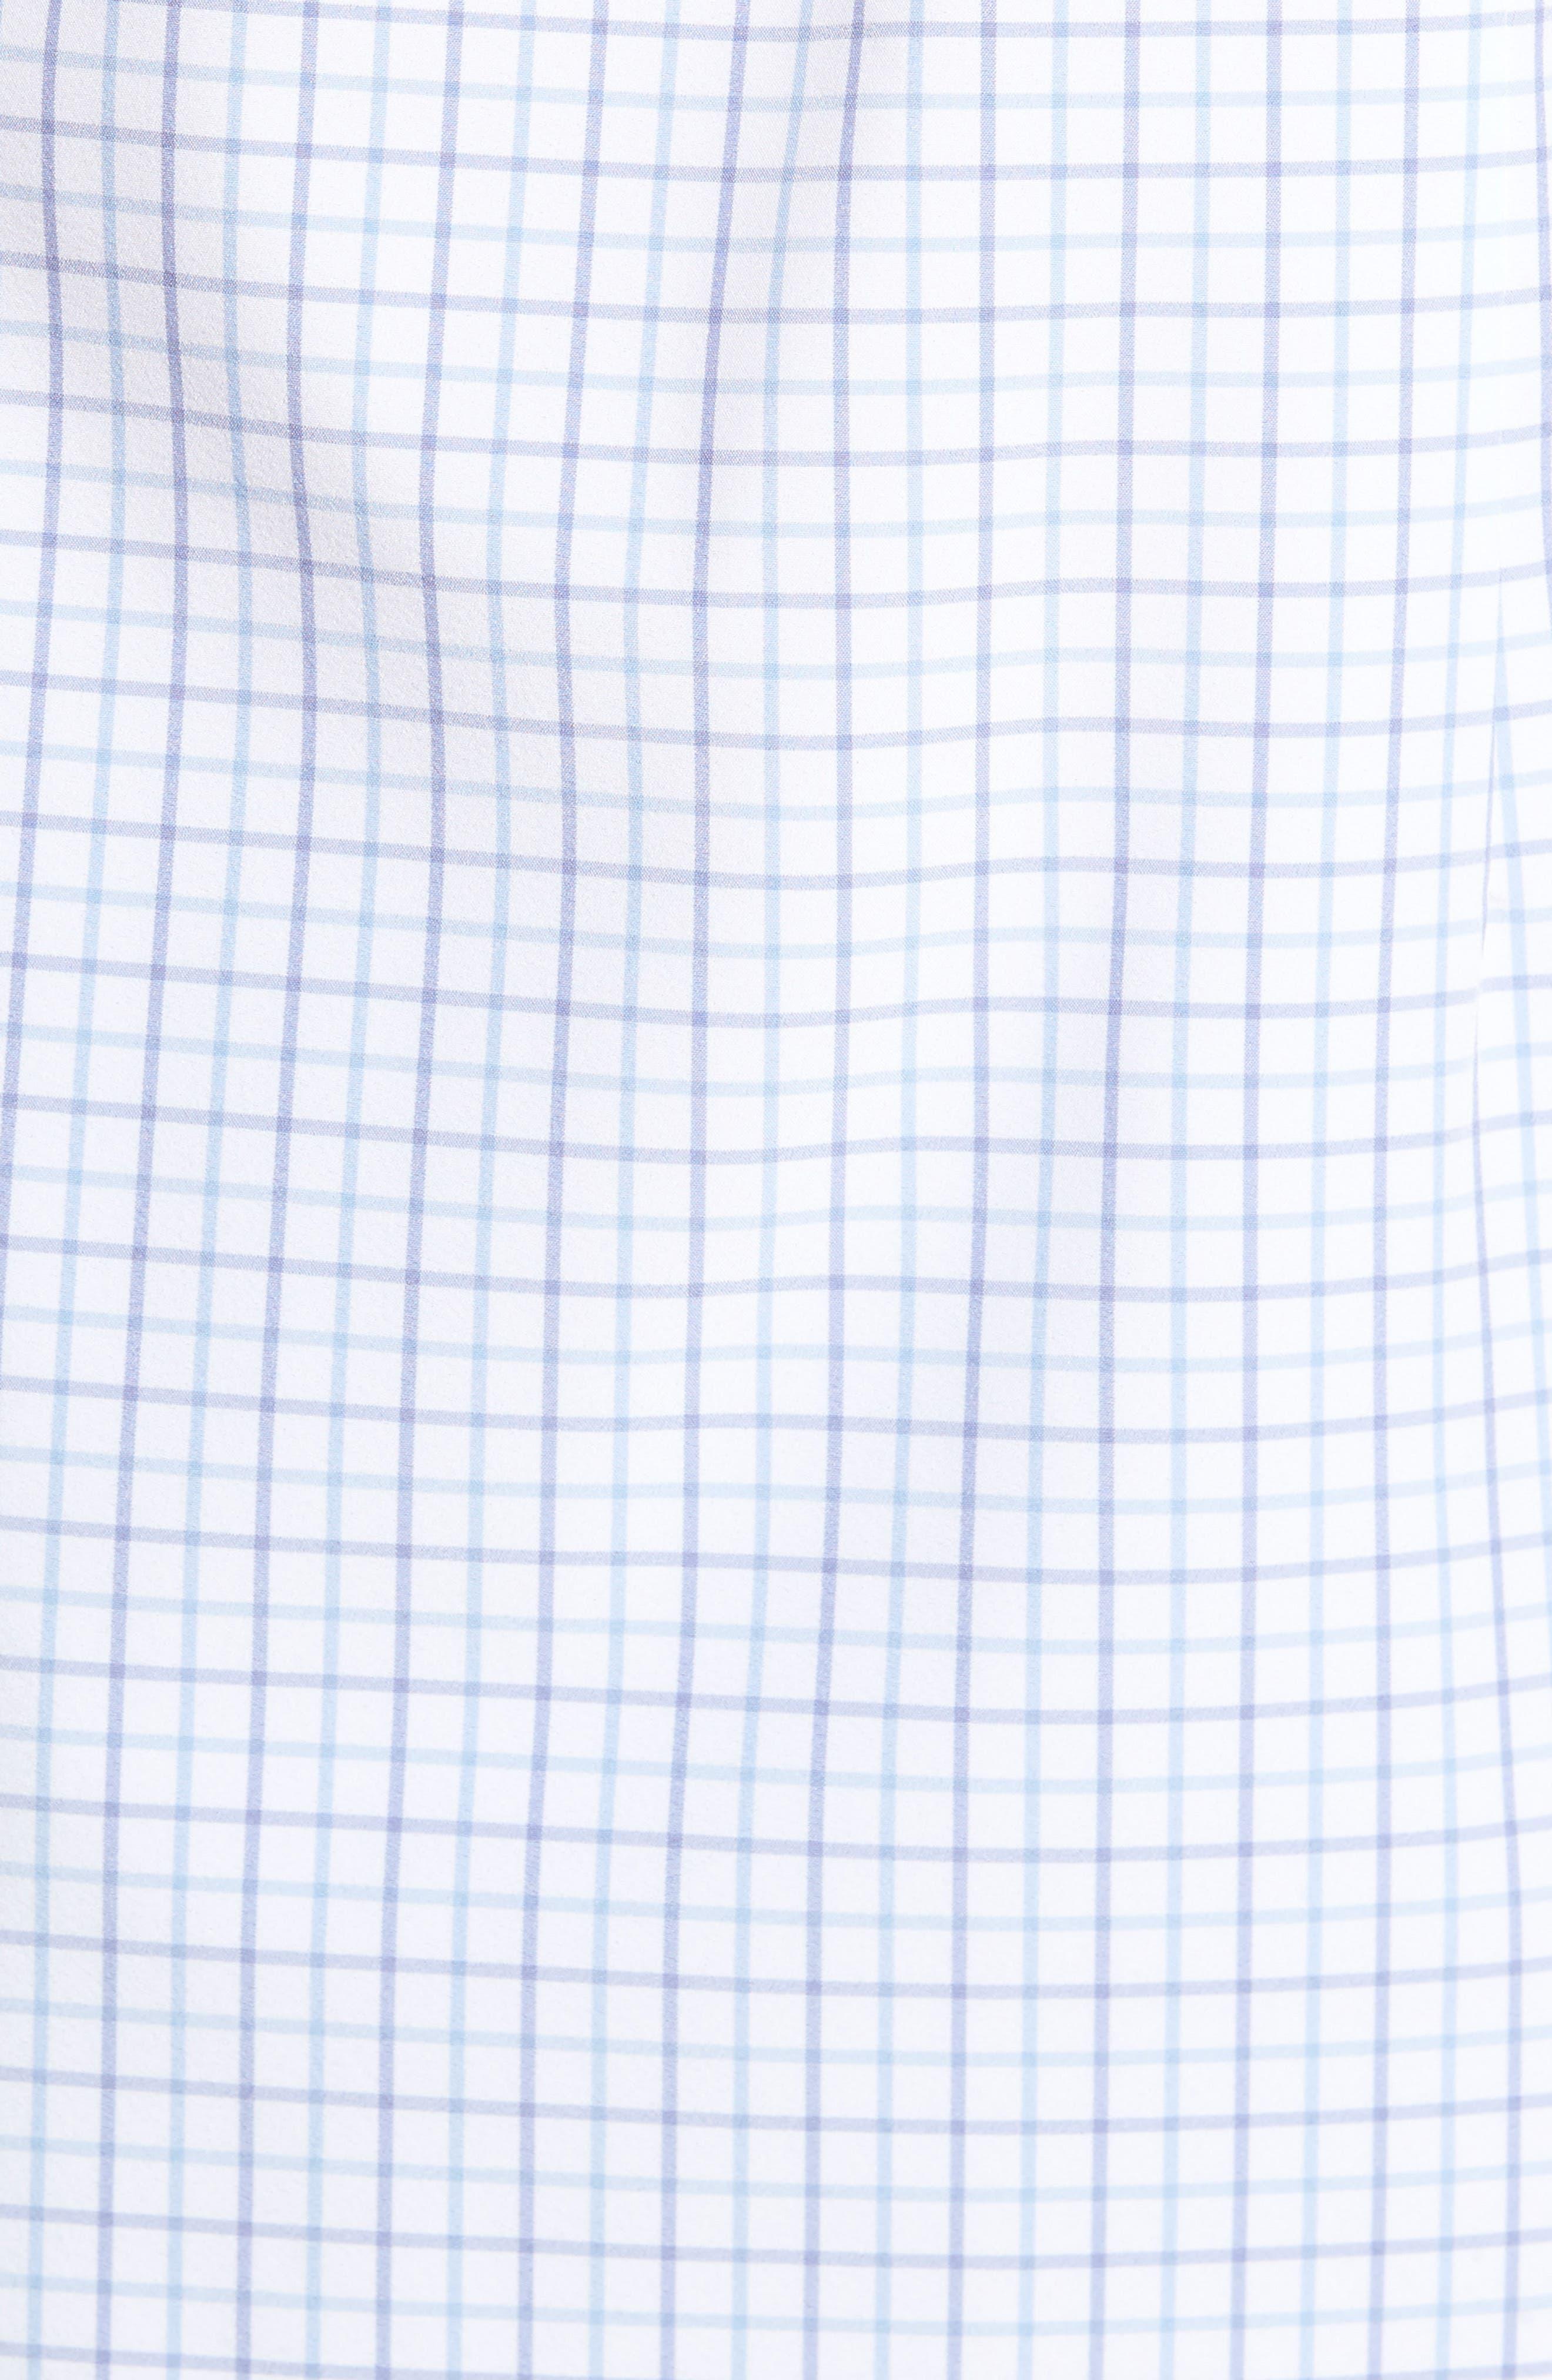 Hallandale Dusty Lavender Check Sport Shirt,                             Alternate thumbnail 5, color,                             160